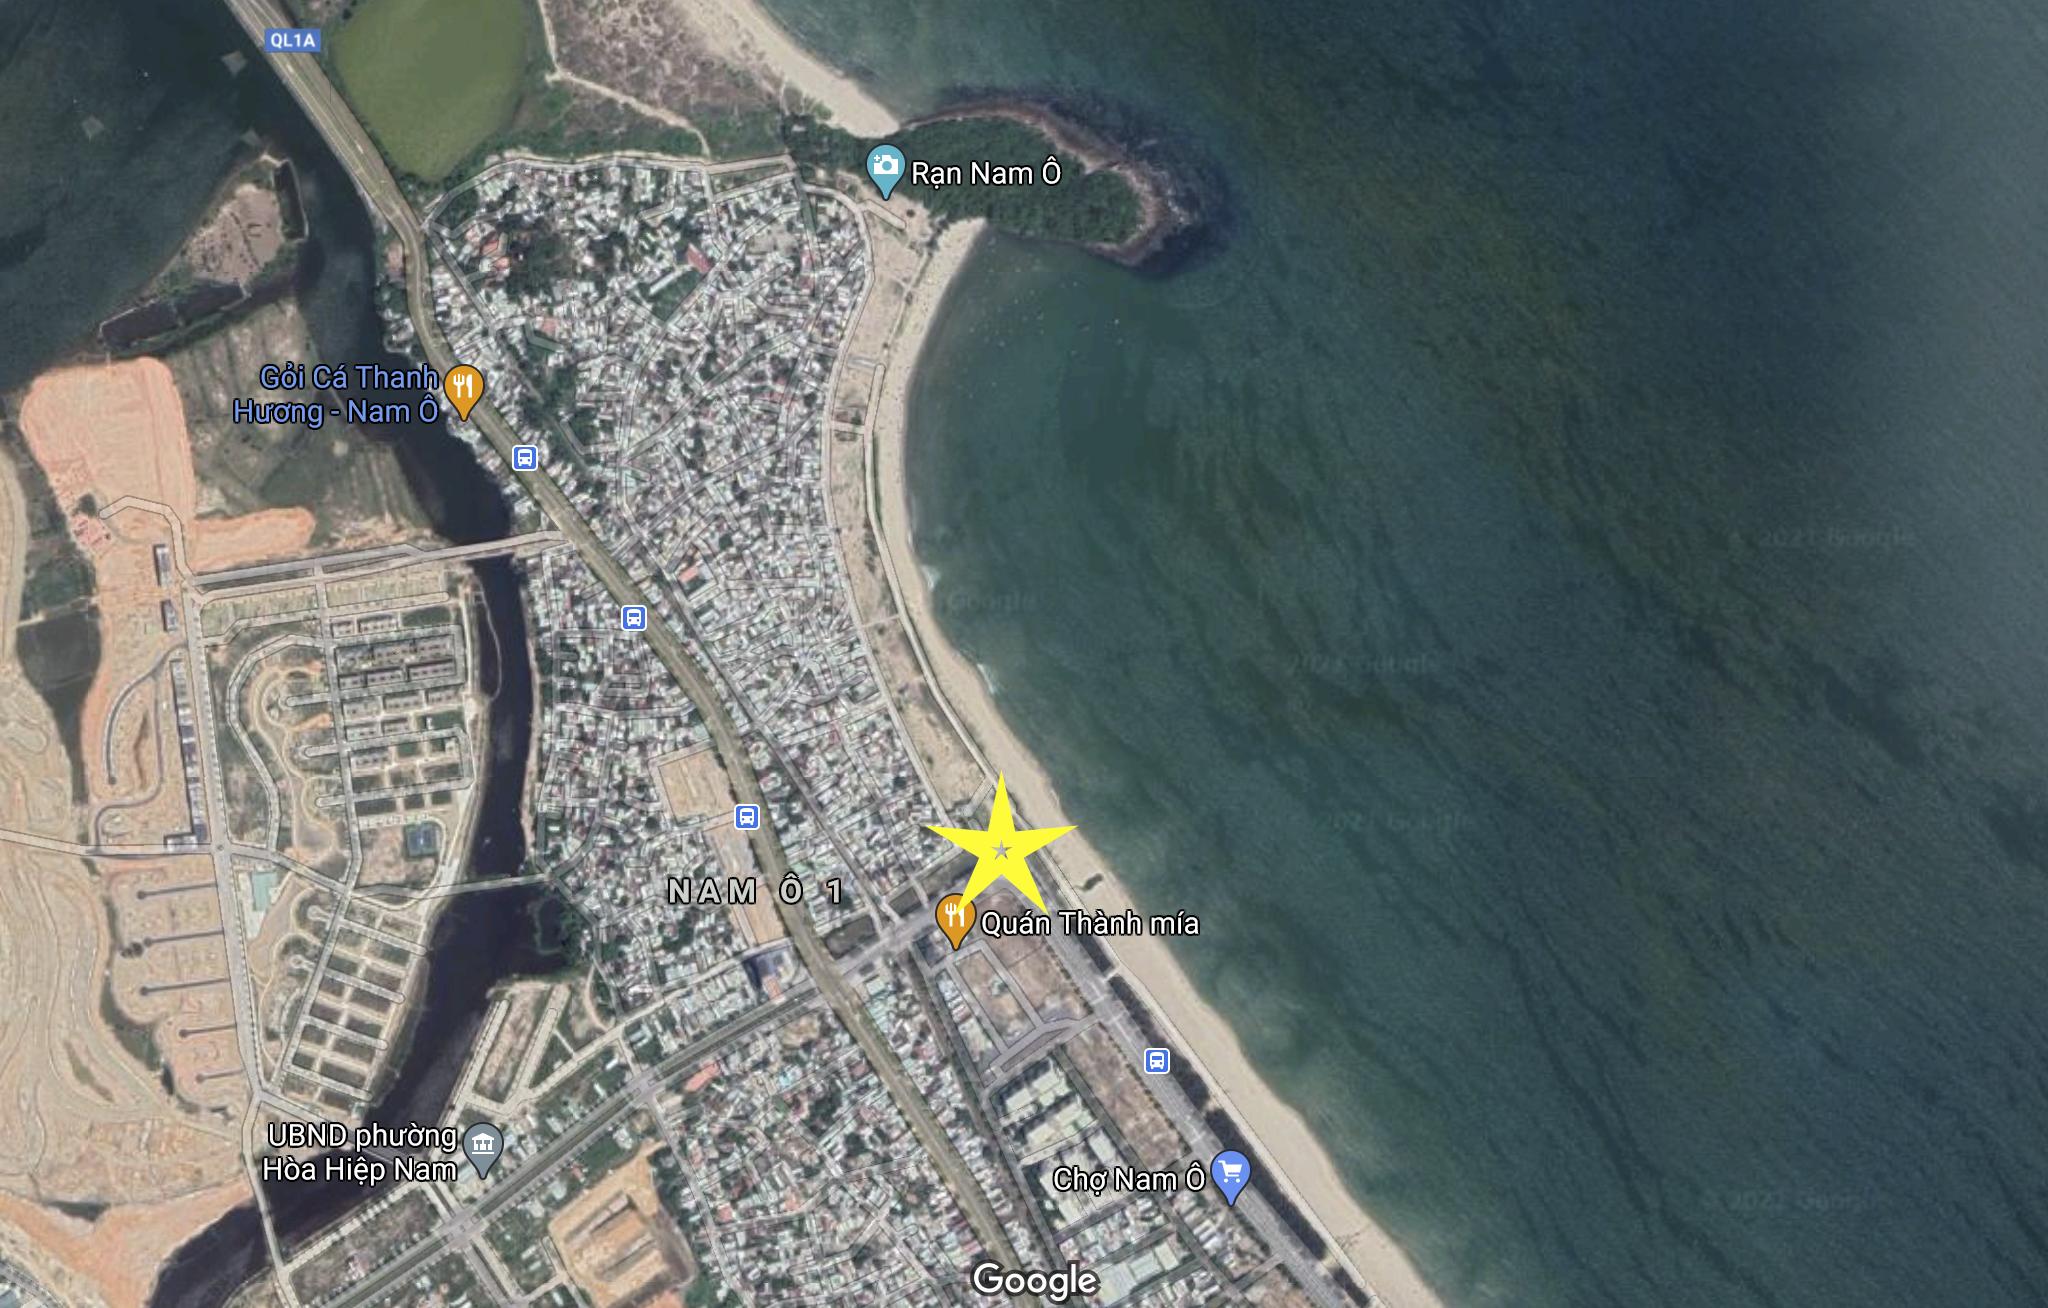 Tập đoàn Trung Thủy nói gì việc Đà Nẵng nghiên cứu làm đường xuyên dự án Khu du lịch Nam Ô đến cảng Liên Chiểu? - Ảnh 2.